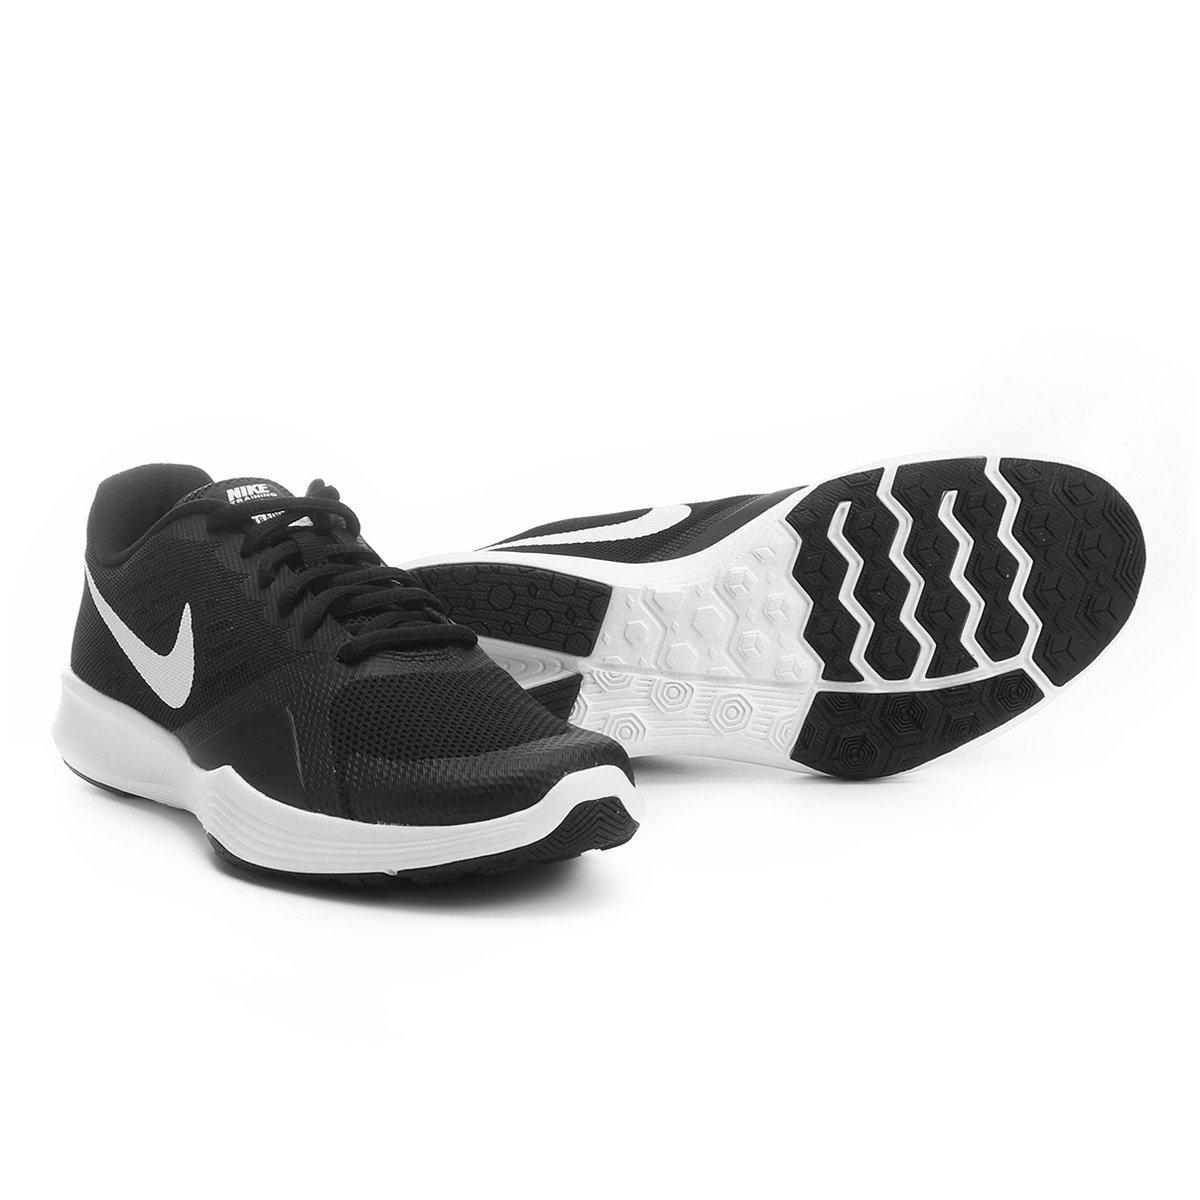 Tênis Nike City Trainer Feminino - Preto e Branco - Compre Agora ... f307819854fb2